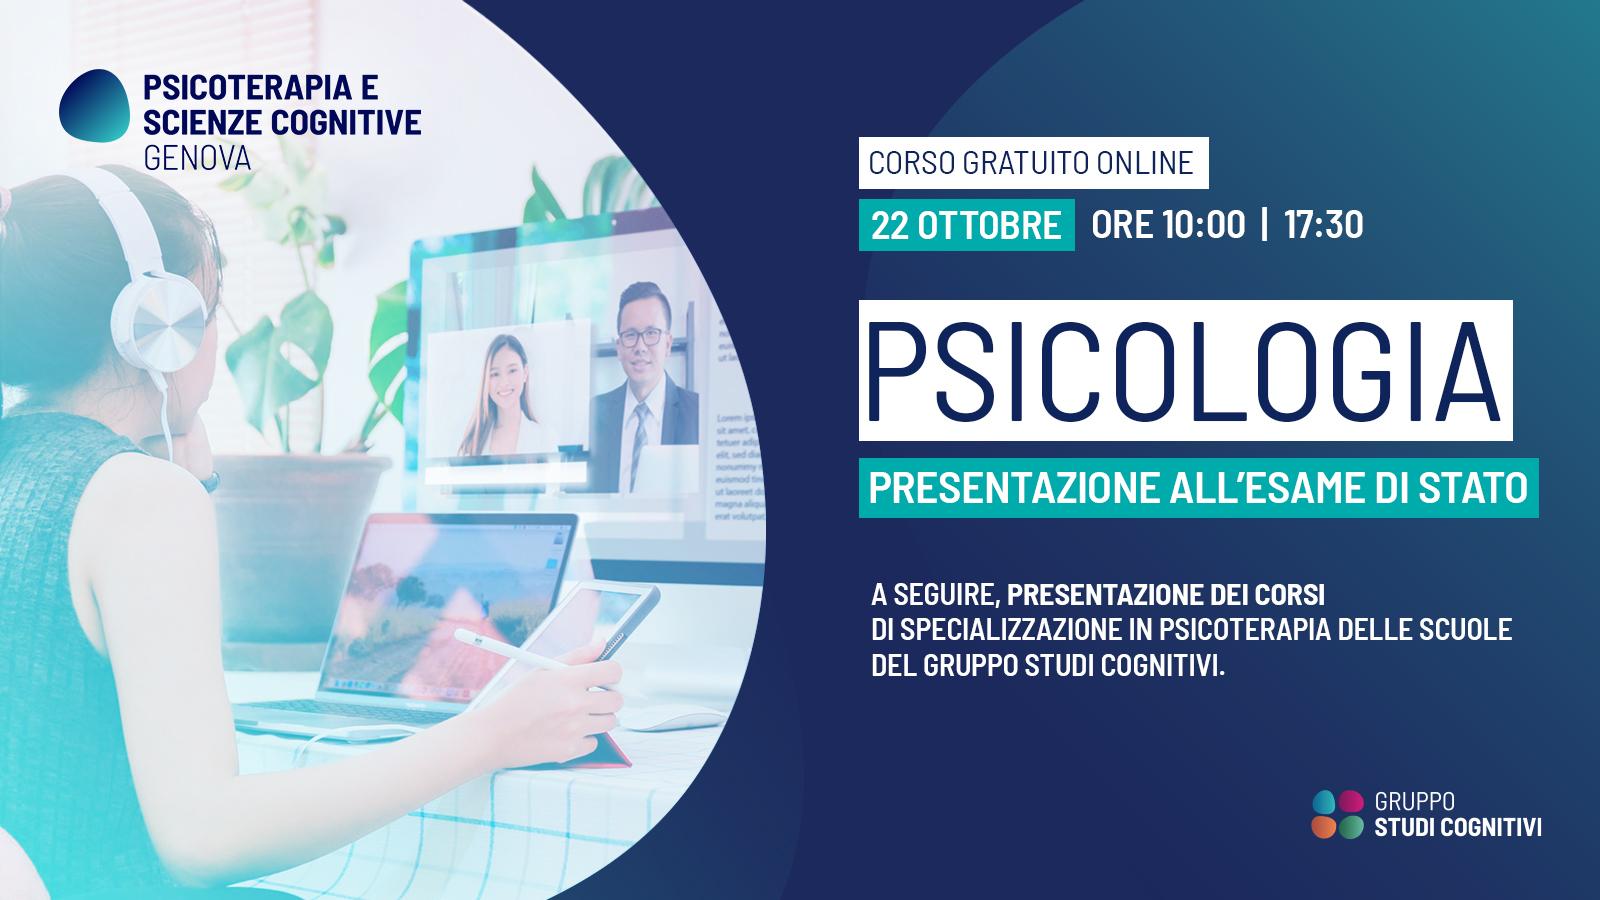 Esame di Stato Psicologia - Psicoterapia e Scienze Cognitive Genova